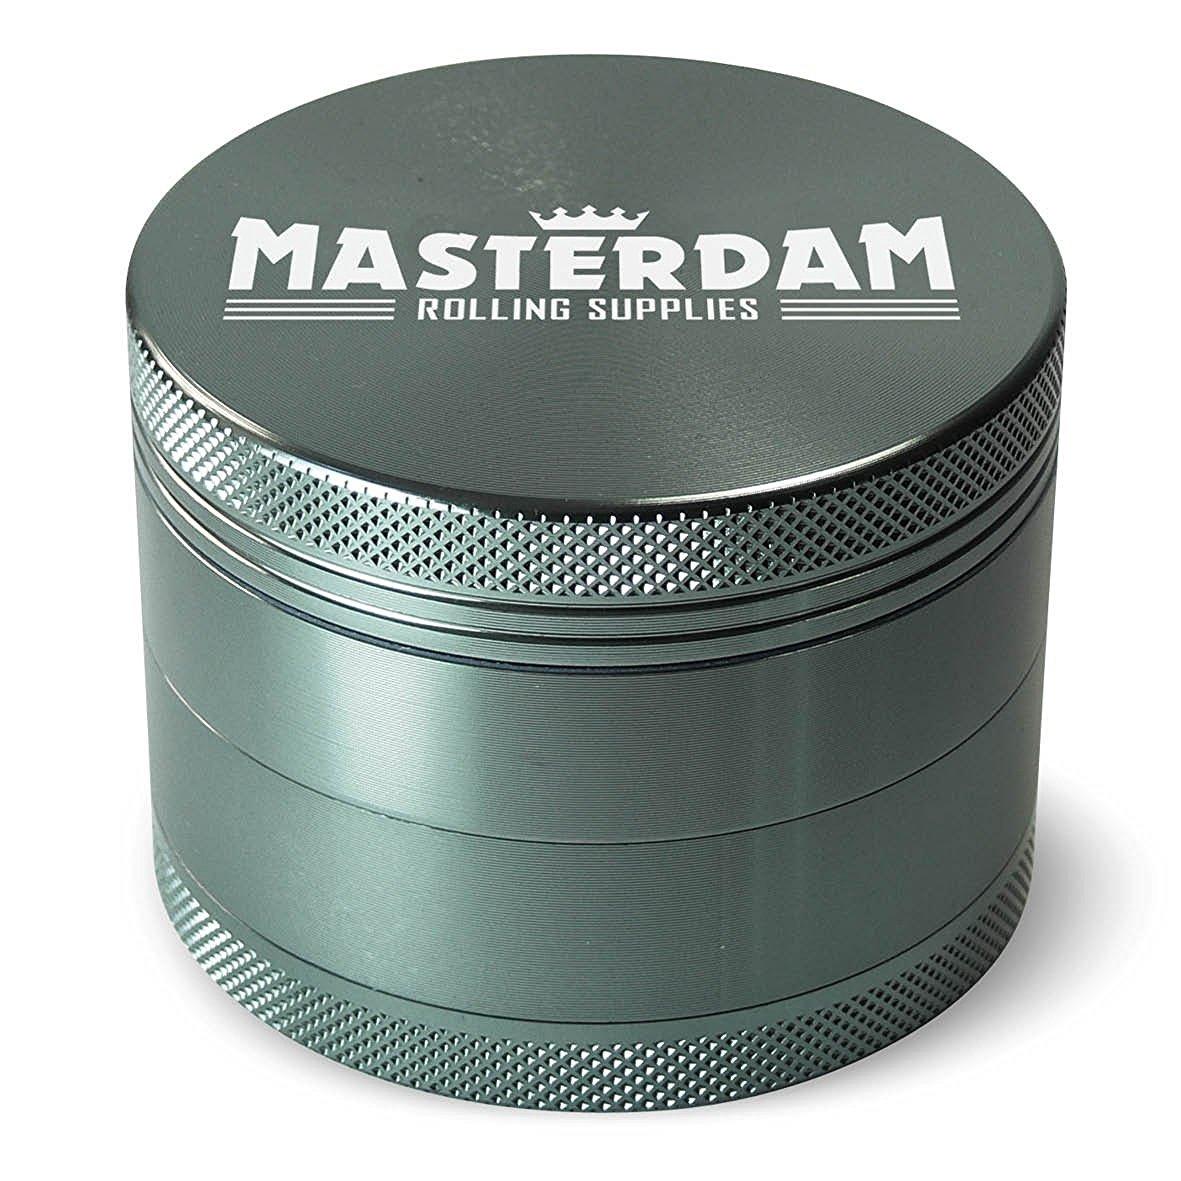 Masterdam 4 piece weed grinder